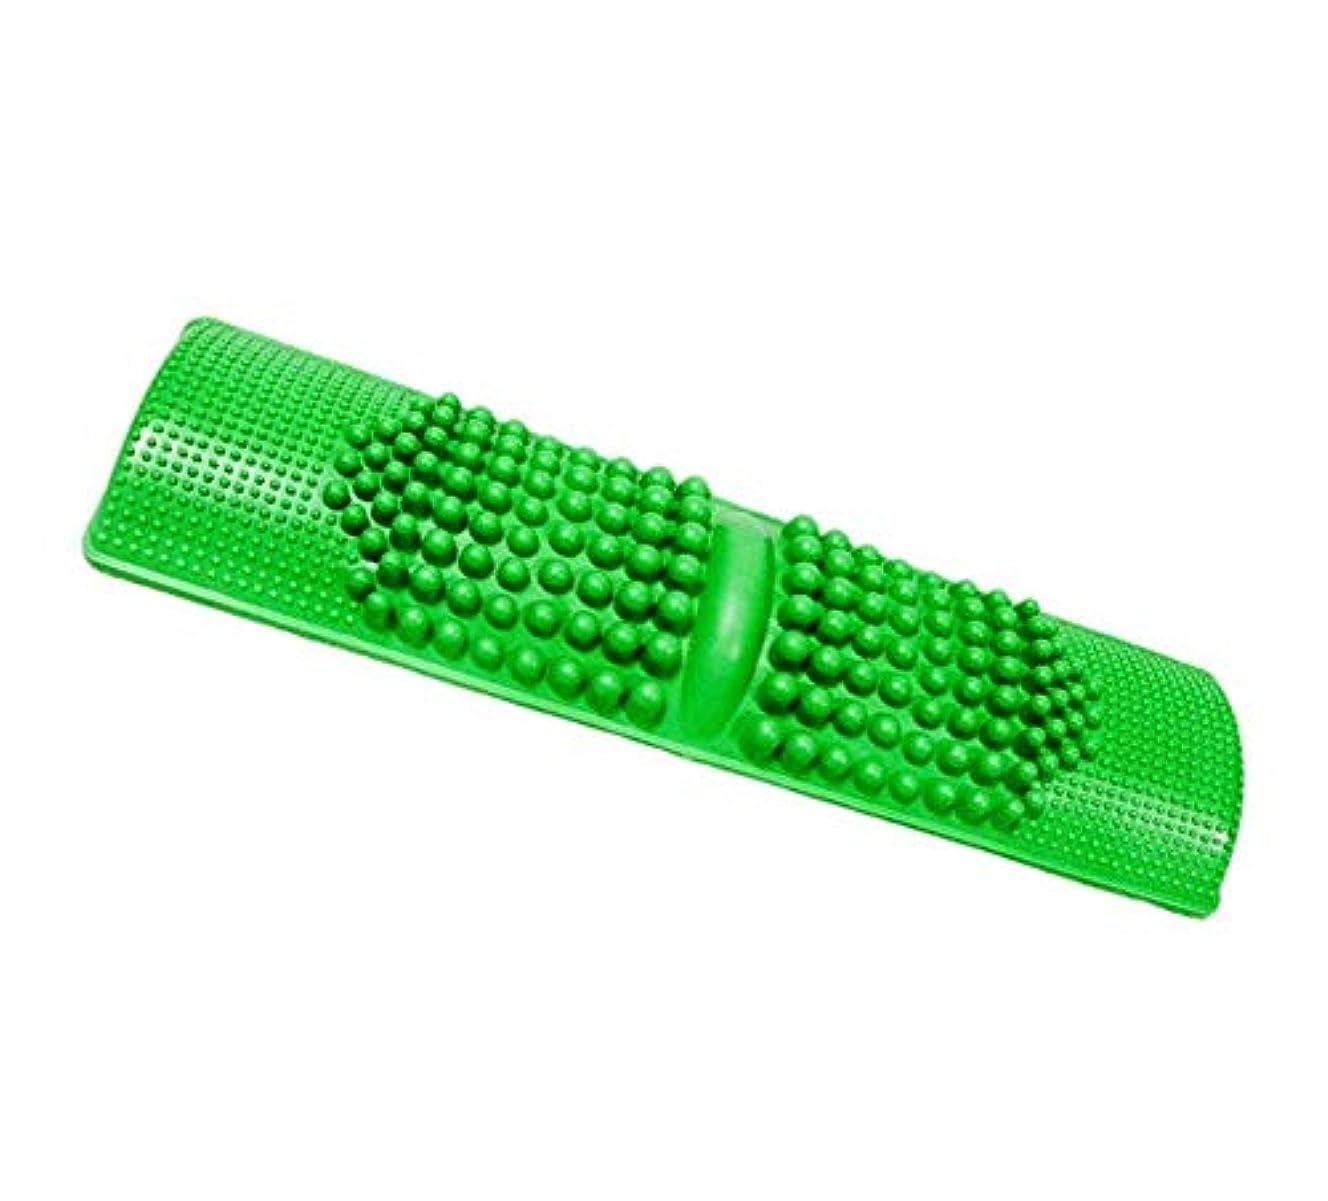 性的引き出す永久にDamine 簡単に健康維持 足つぼマッサージ BIGサイズ 足 踏み 足裏 刺激 血行促進 (グリーン)